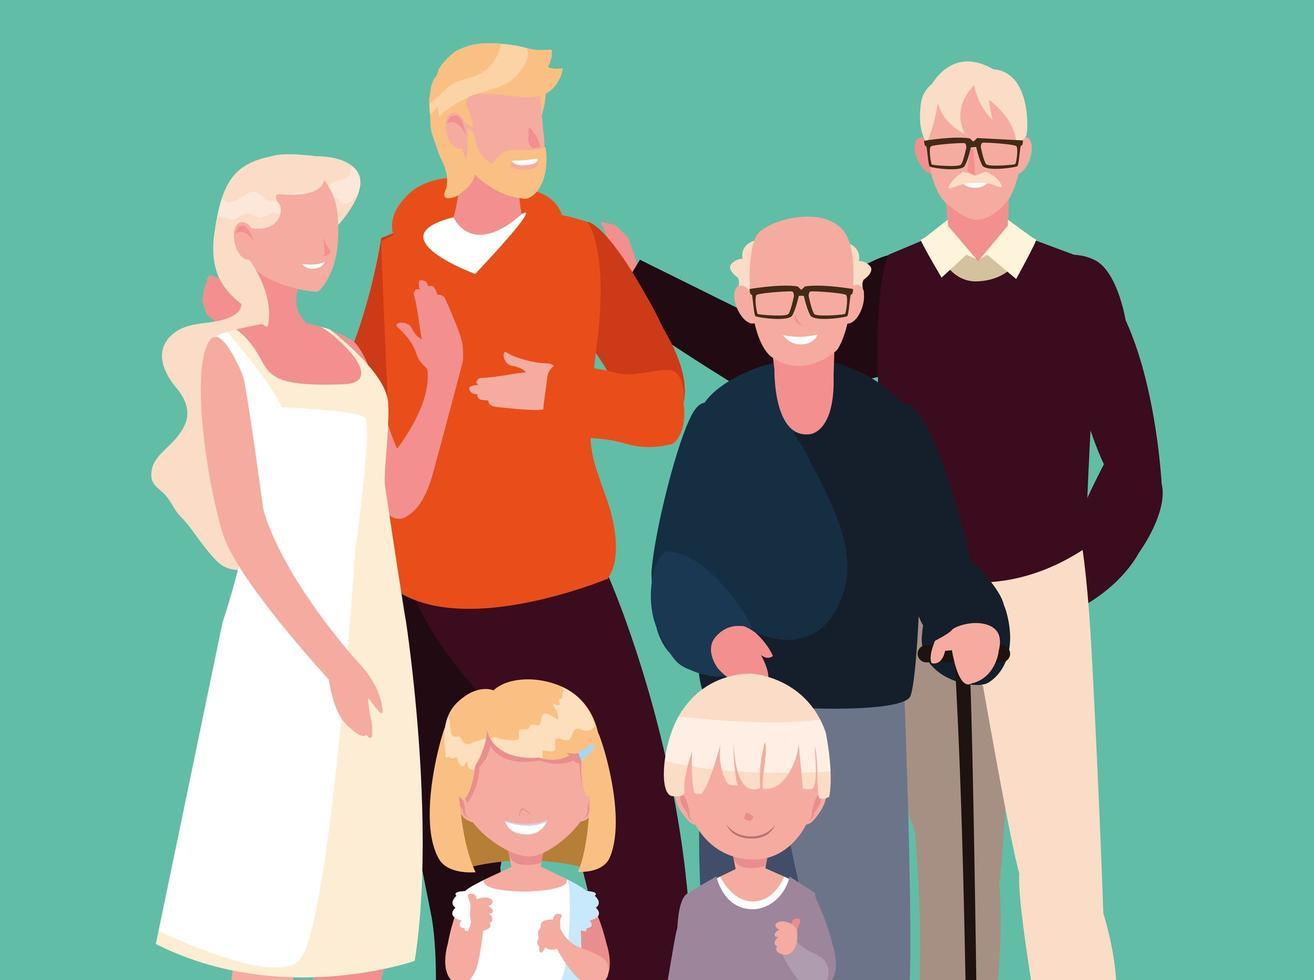 schattige familieleden avatar karakter vector